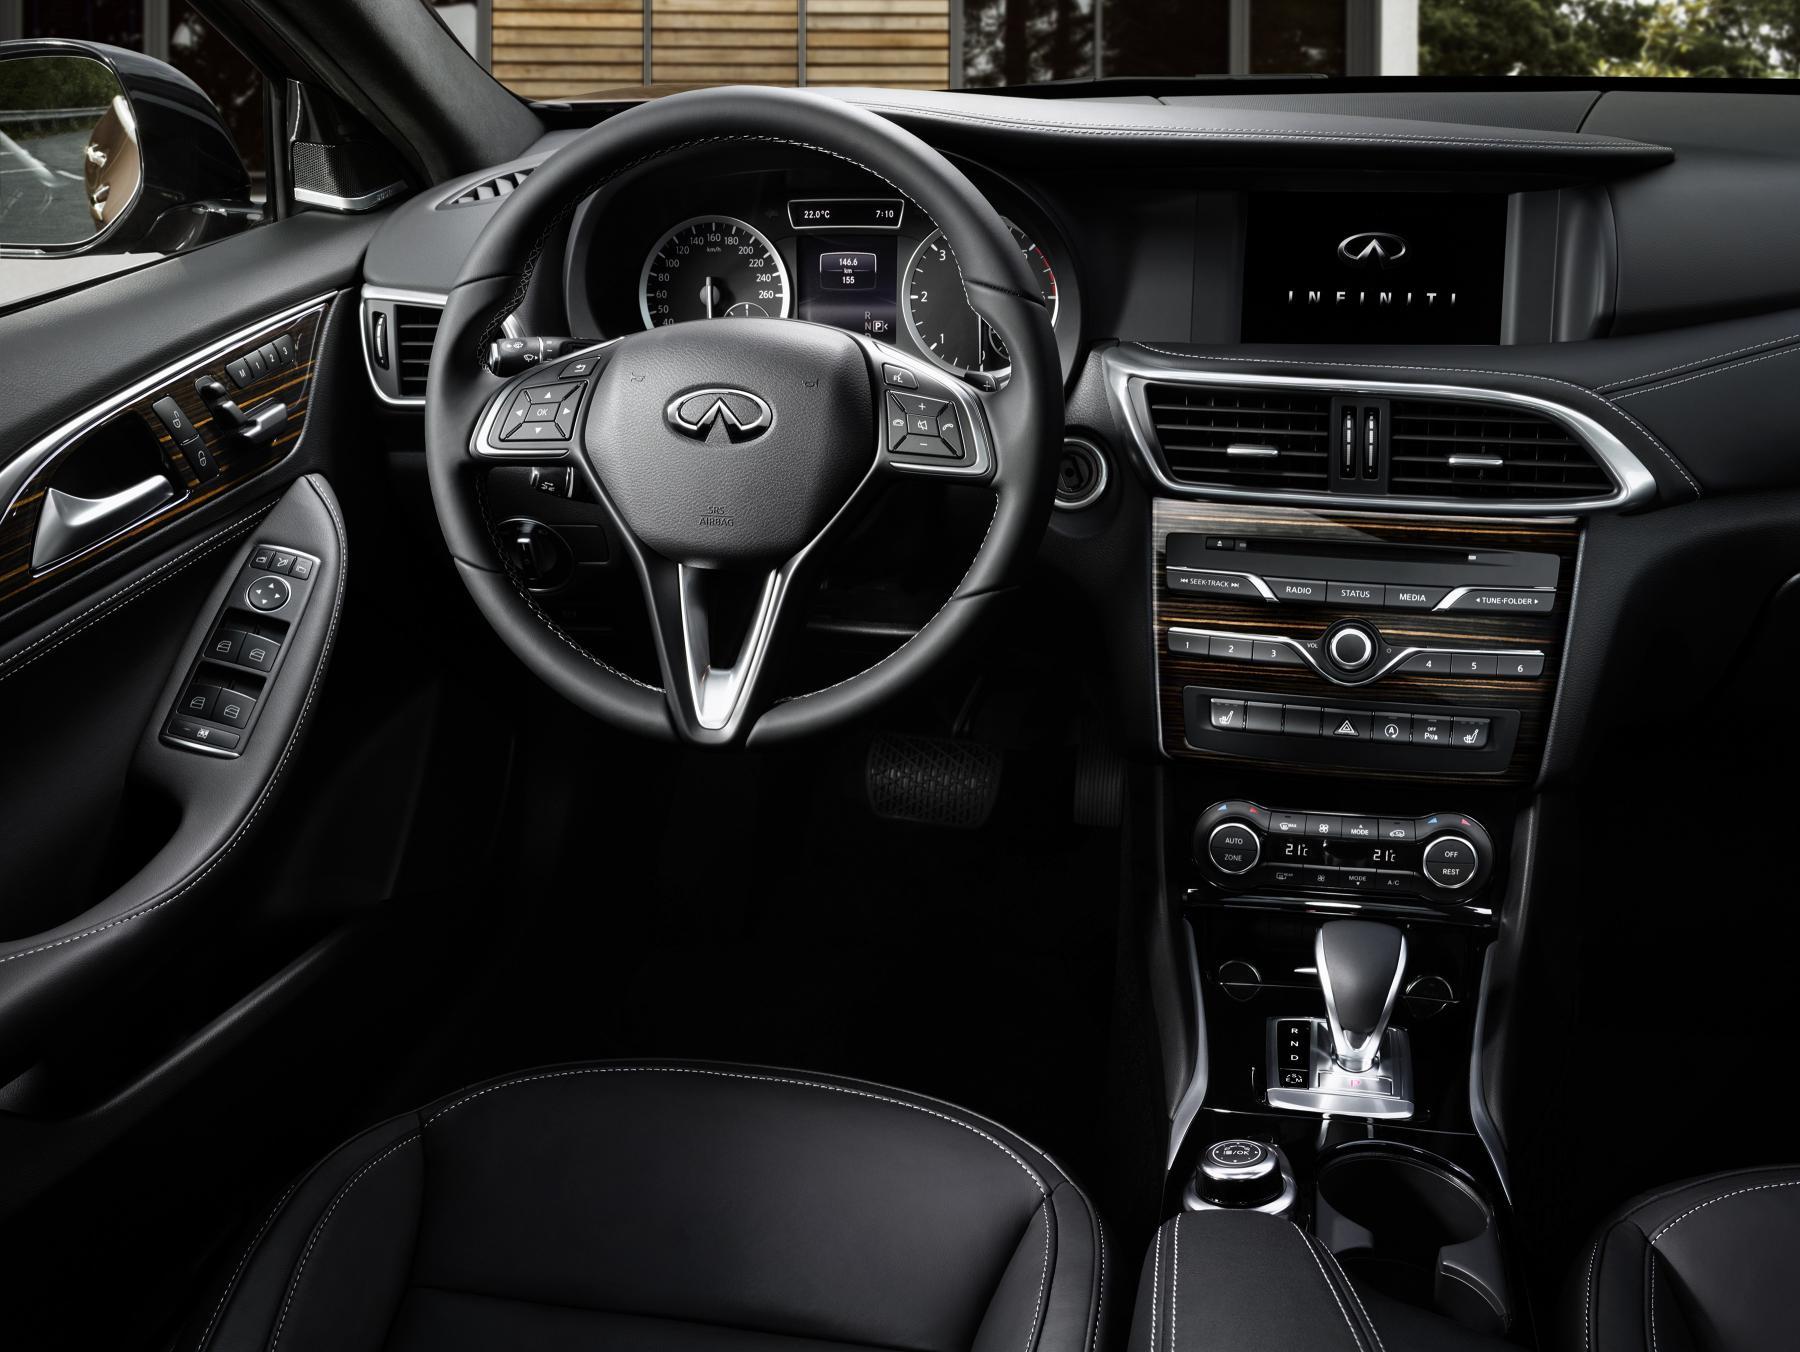 Infiniti Q30_interior